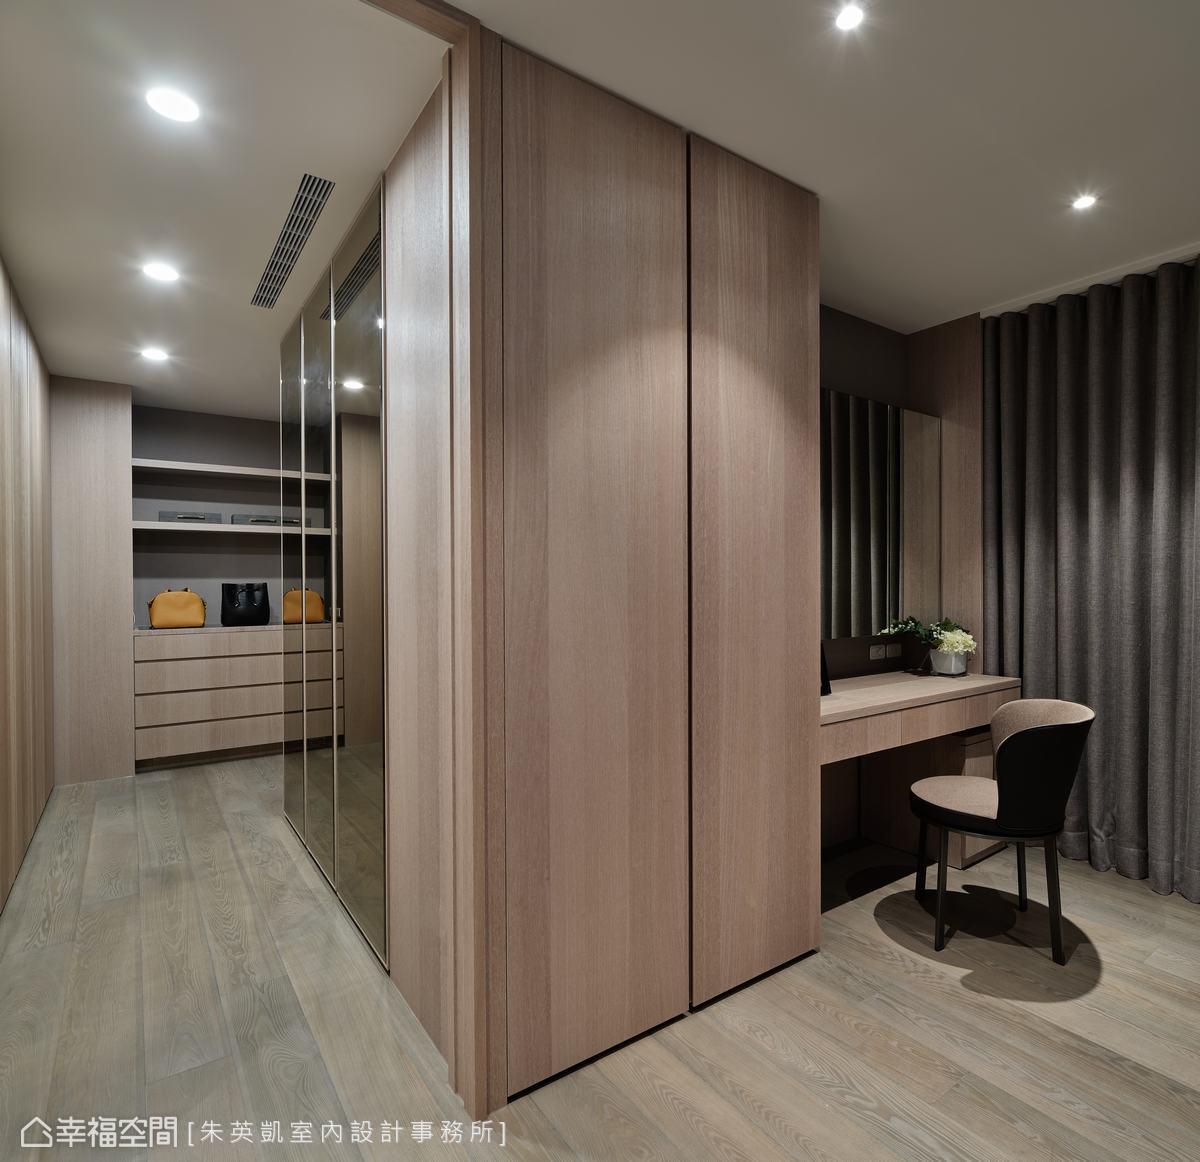 推開主臥側面拉門即為更衣室,設置鏡面放大視覺坪效,同時也可當全身穿衣鏡使用。